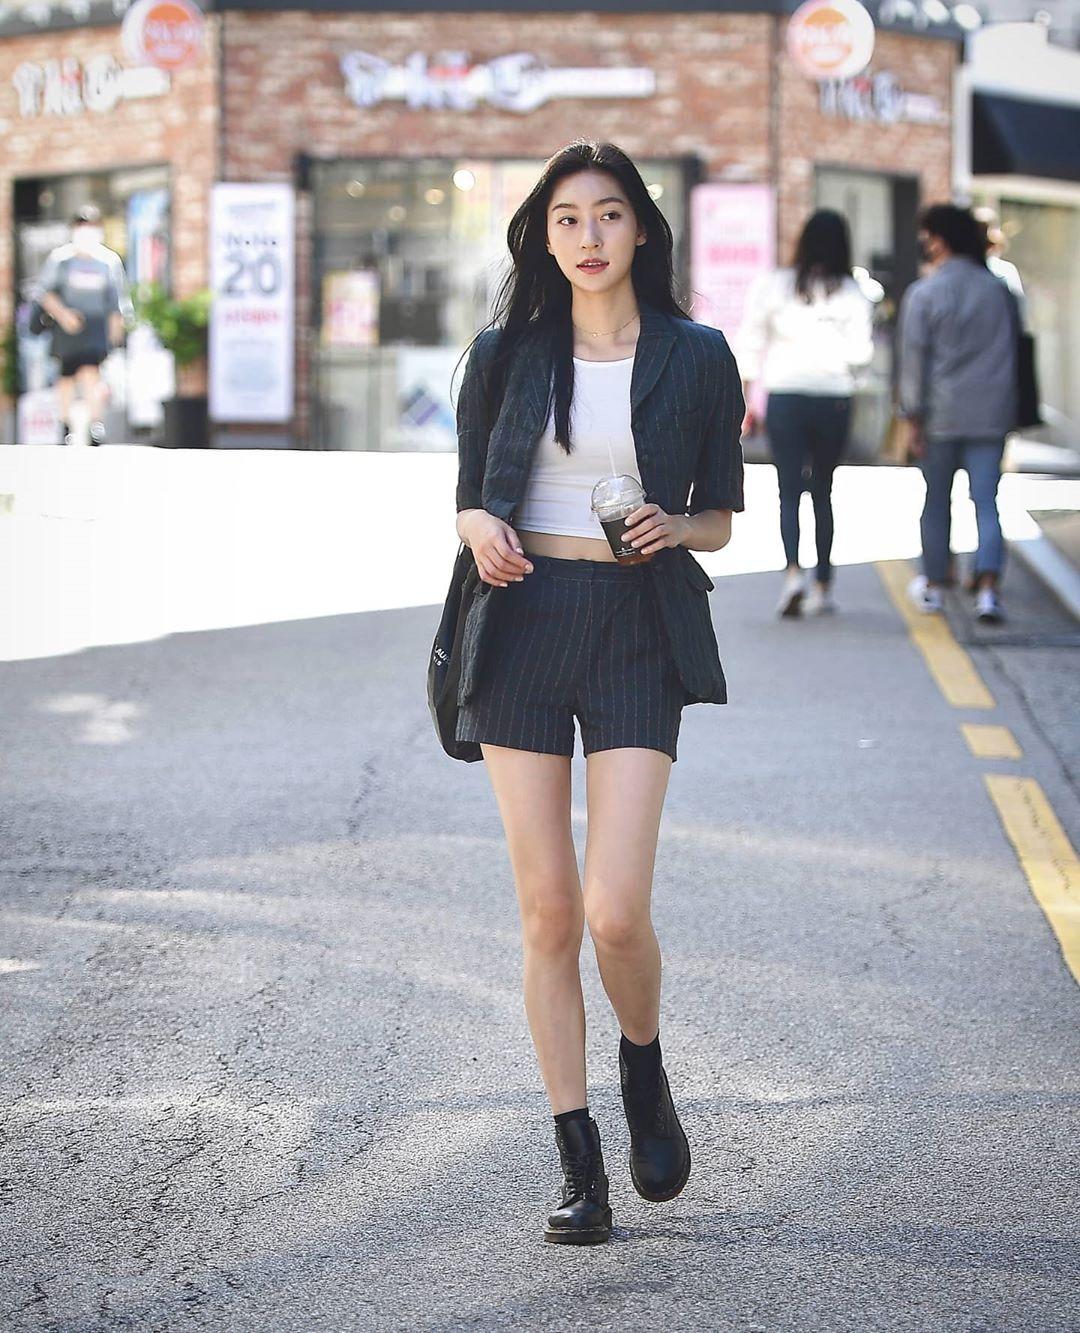 Diện đồ theo kiểu cây suit cũng là phong cách được nhiều cô gái yêu thích, tạo vẻ lịch sự nhưng cũng rất hiện đại.